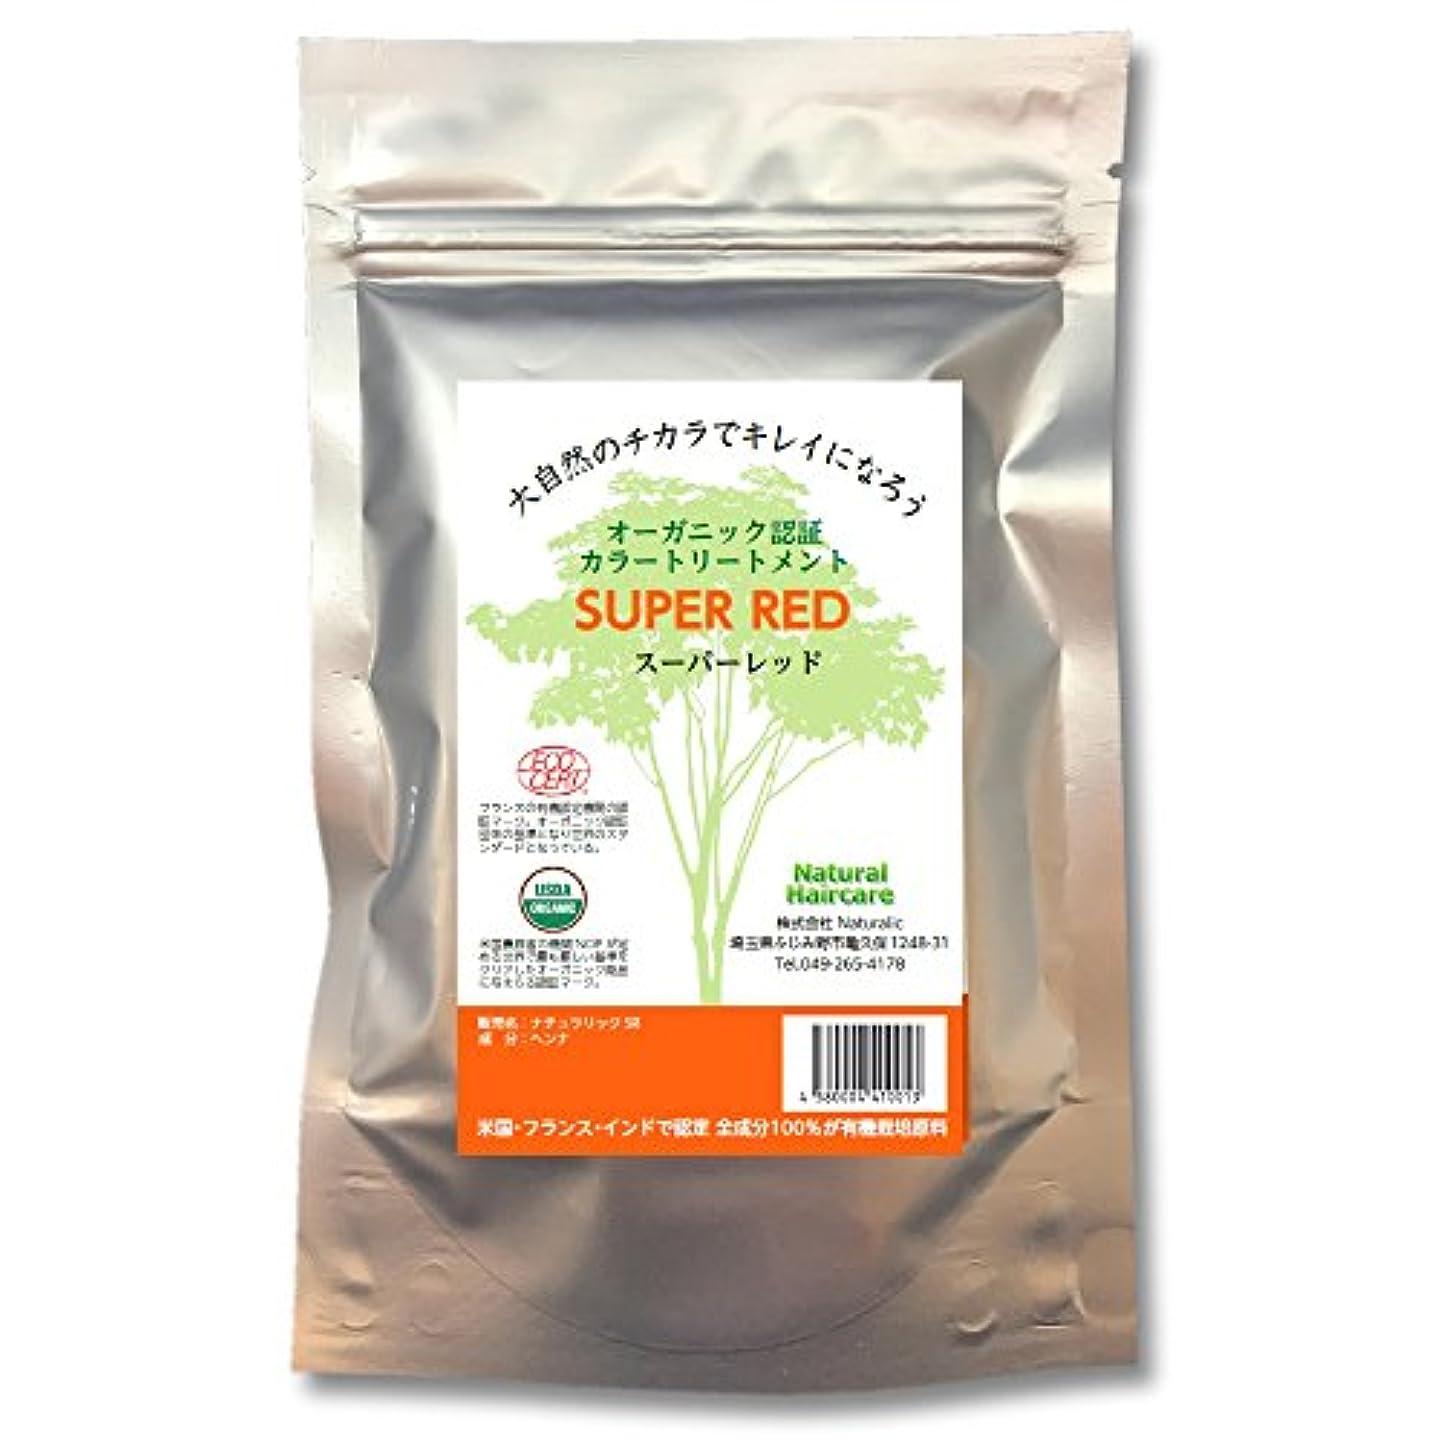 カフェ手順成分ナチュラルヘアケア スーパーレッド 世界3カ国オーガニック機関認証済み 100%天然植物 ヘナ 濃いオレンジ色